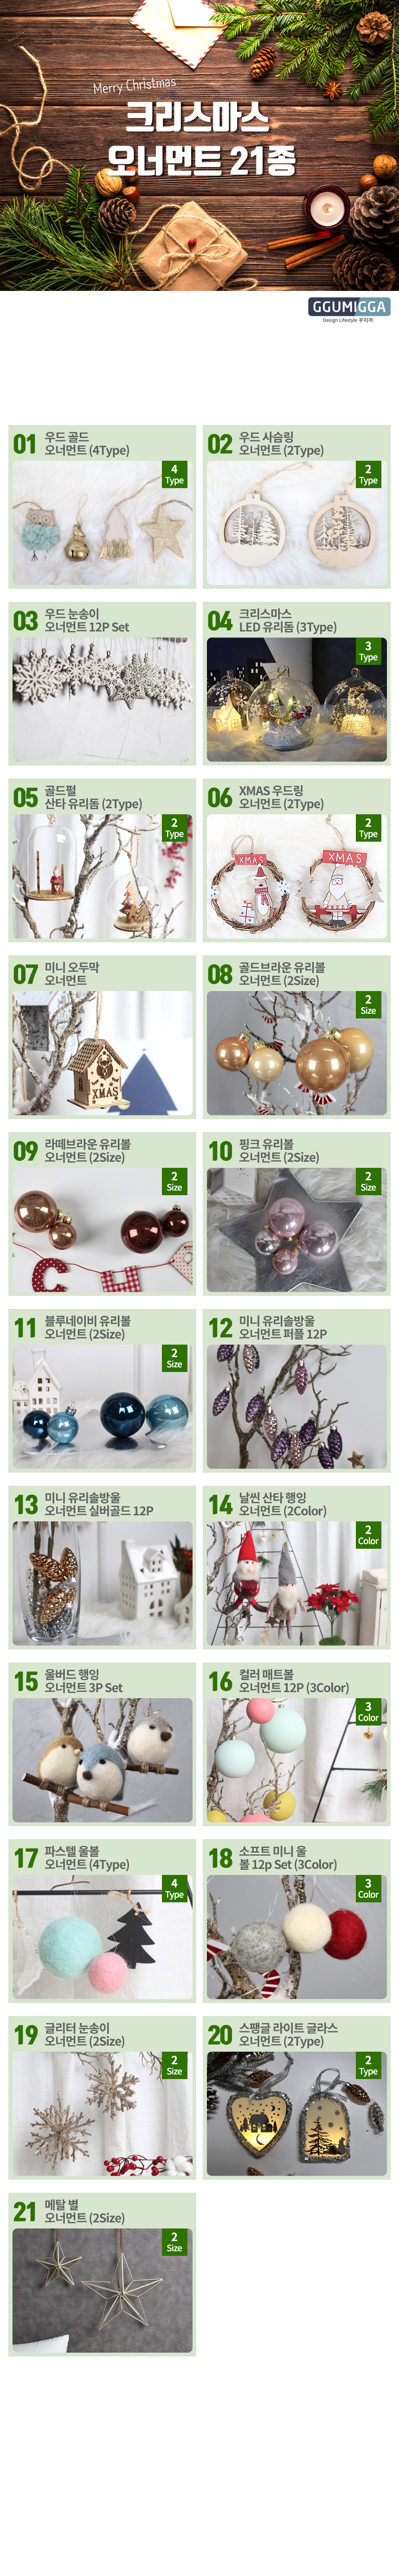 크리스마스 오너먼트 21종 택1 - 꾸미까, 5,300원, 장식품, 오너먼트